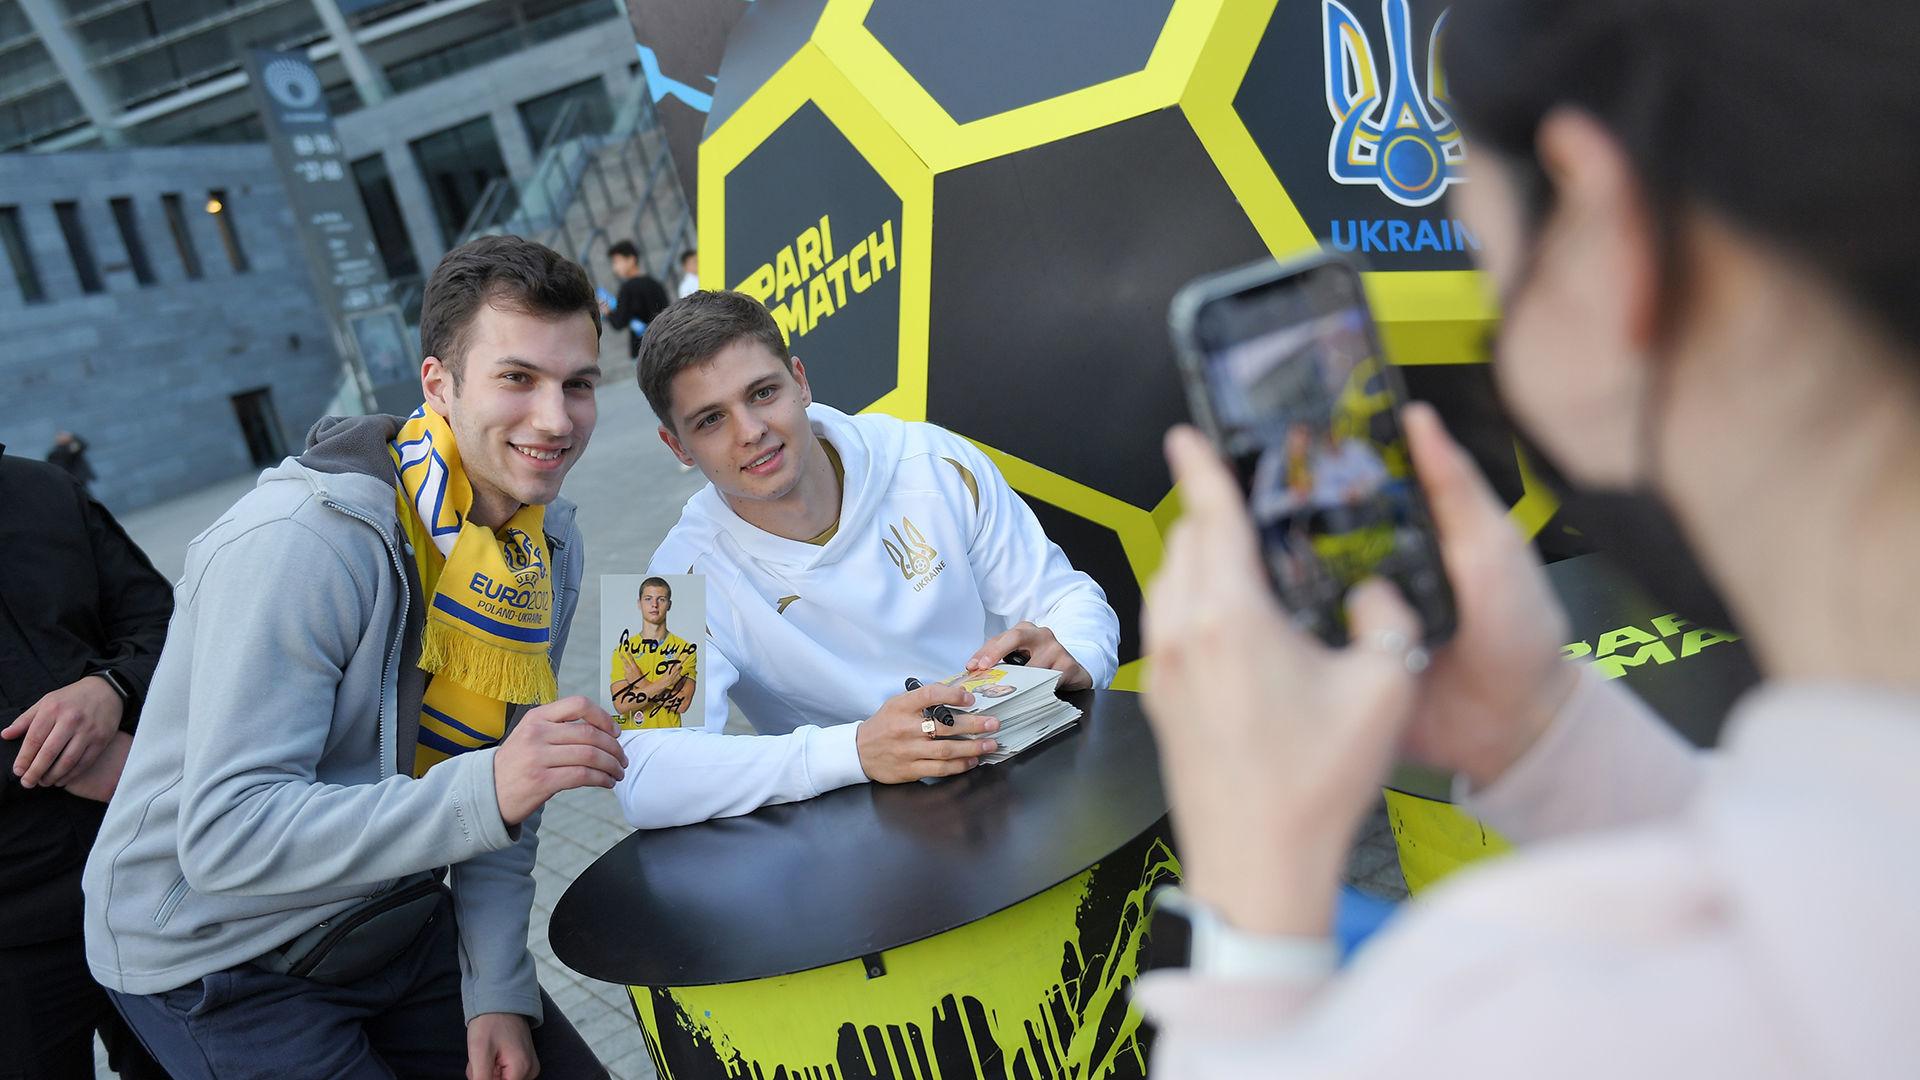 Евро 2020: 10 тысяч украинцев поддержали национальную сборную на Олимпийском - фото 1